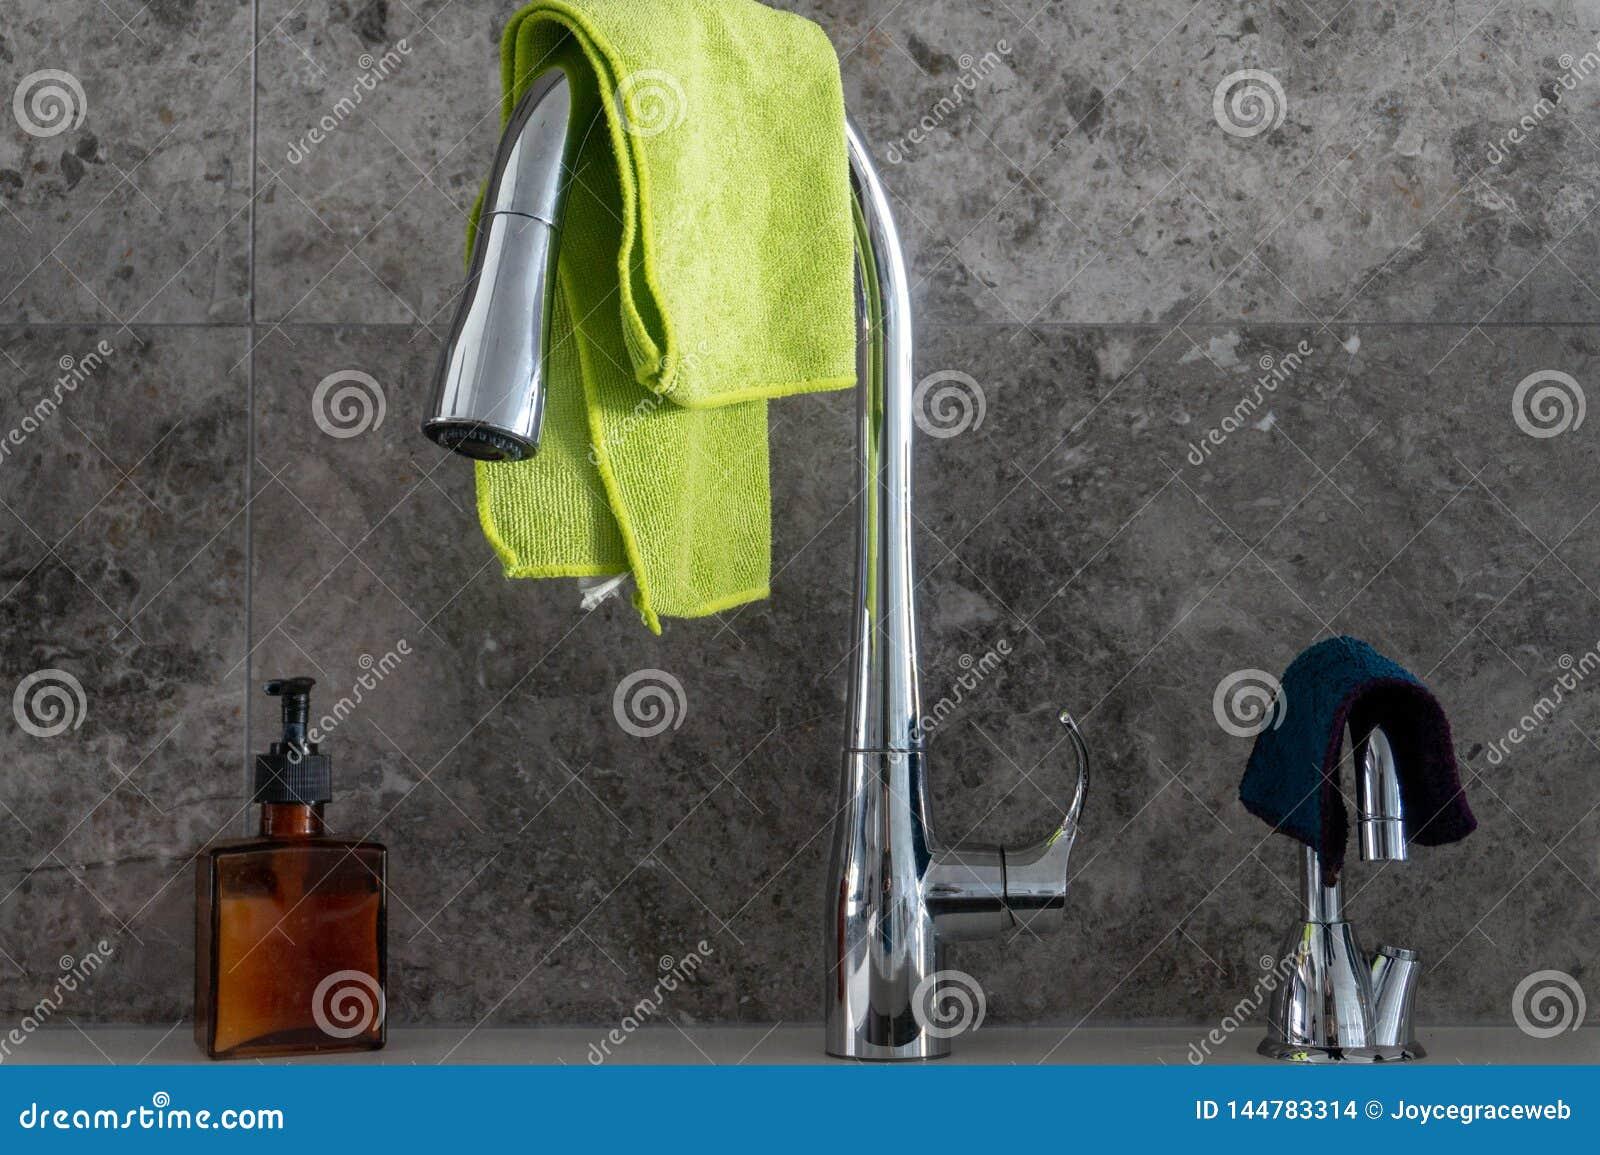 Handseifenpumpe, Chromspülbeckenhahn, gefilterter Wasserhahn mit microfibre Stoffen und graues Marmorsteinfliese backsplash